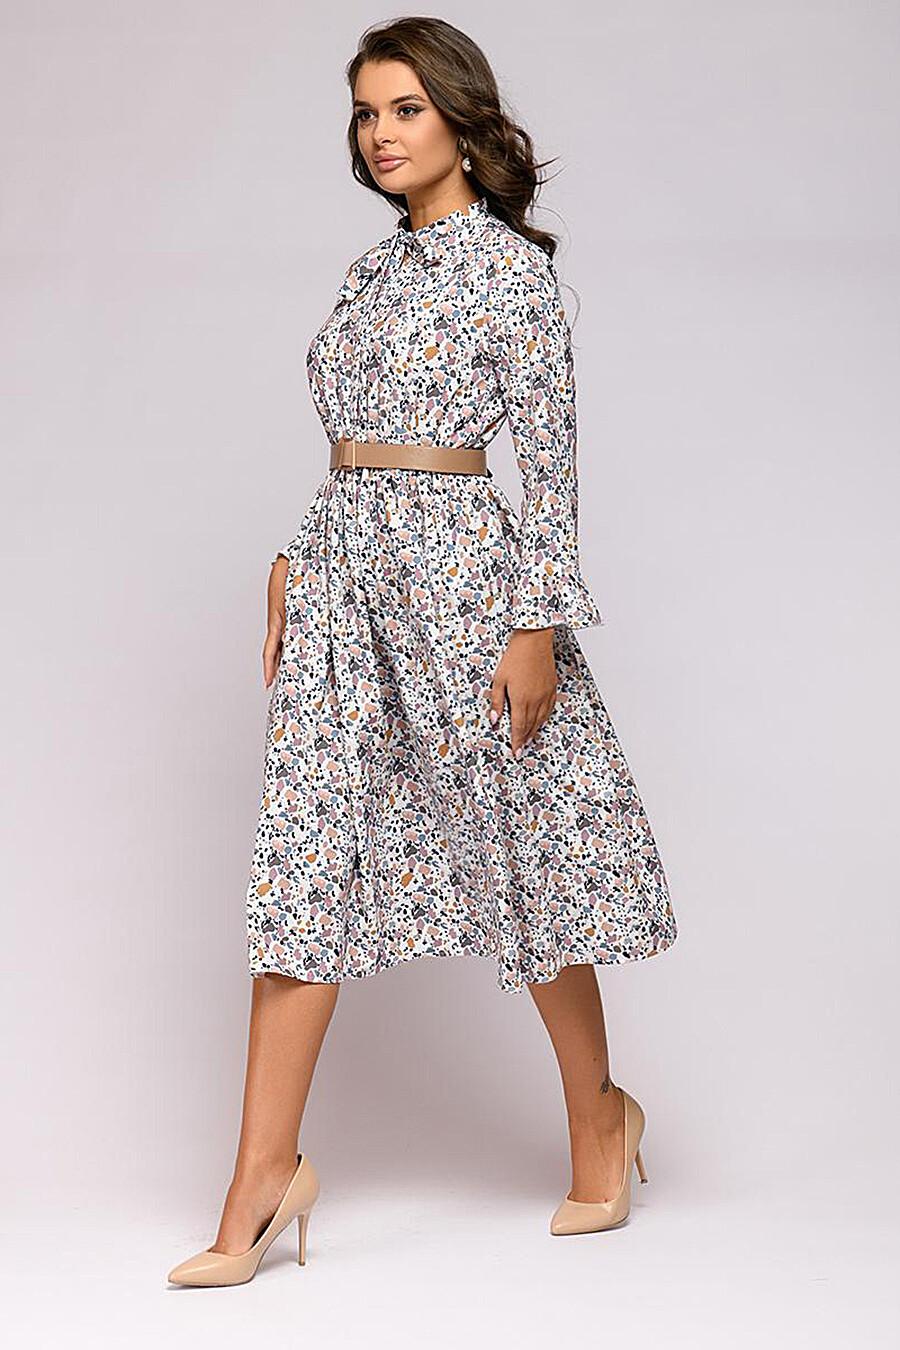 Платье для женщин 1001 DRESS 181016 купить оптом от производителя. Совместная покупка женской одежды в OptMoyo